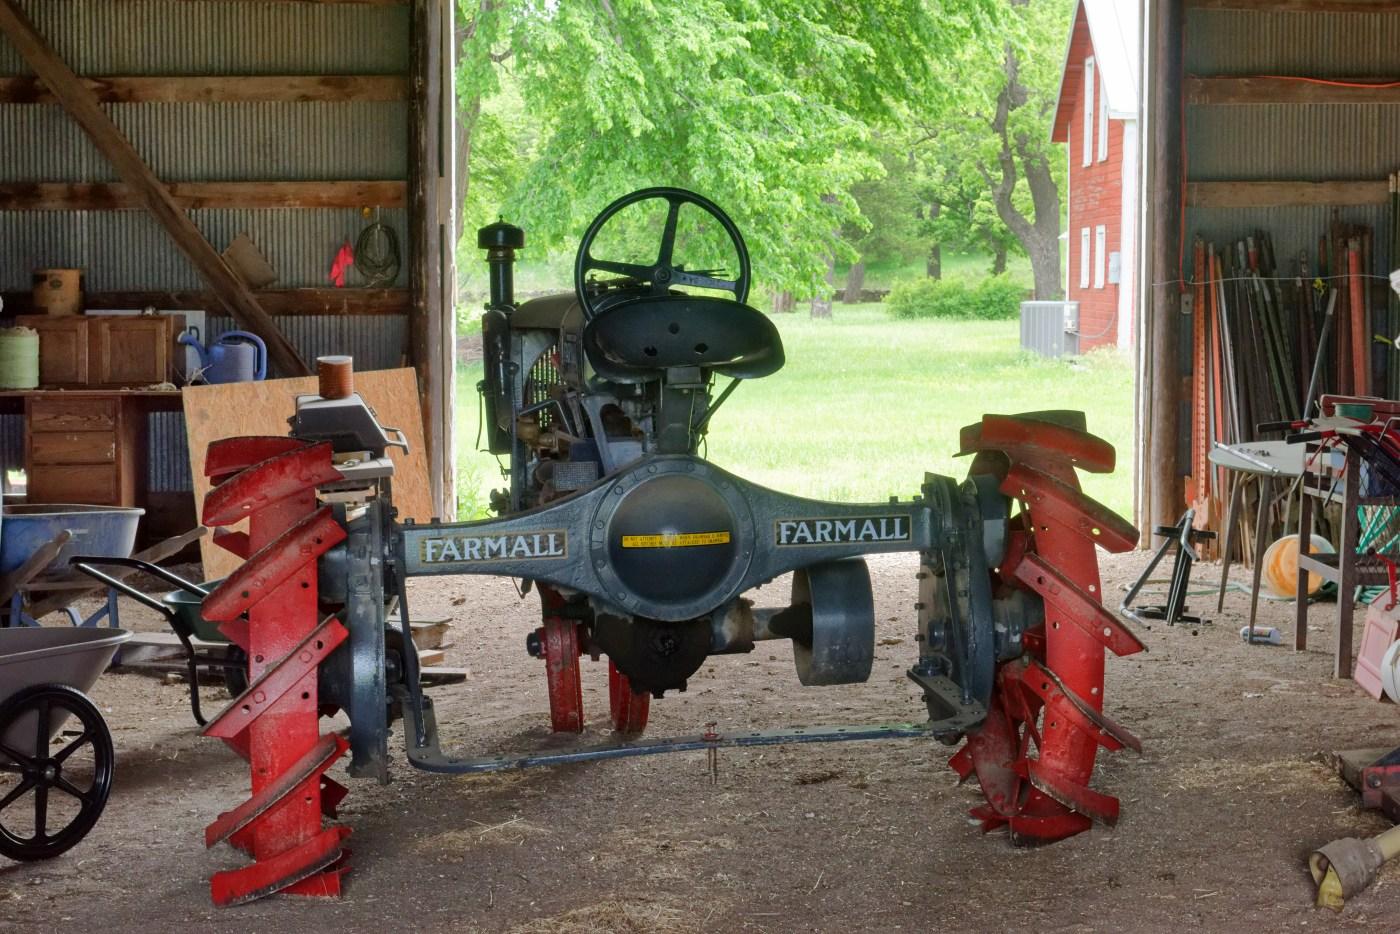 1929 Farmall Tractor